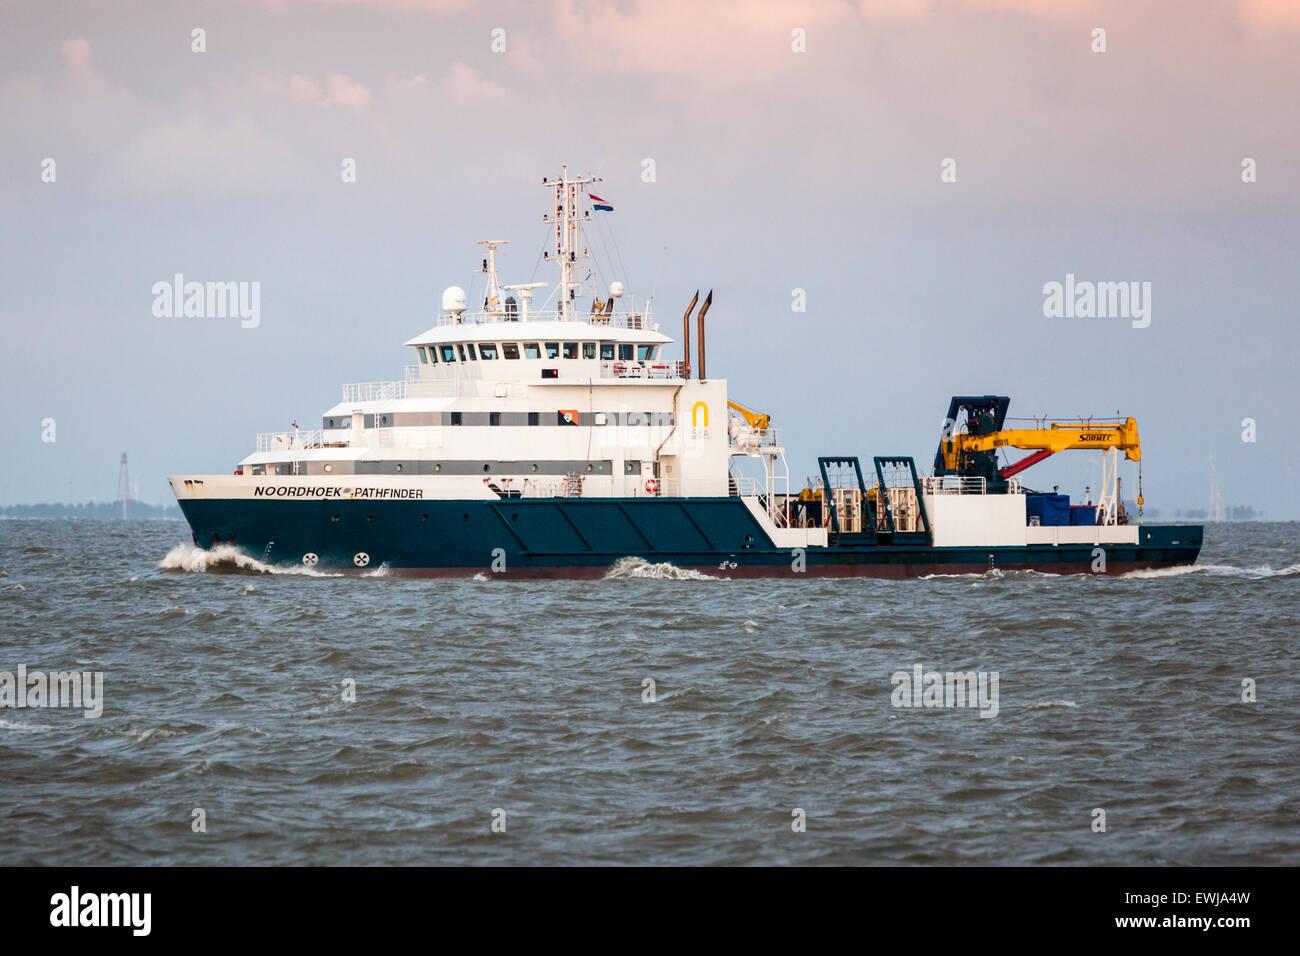 Plongée en mer à bord du navire de soutien, Noordhoek Pathfinder, la conduite d'engins non explosés Photo Stock